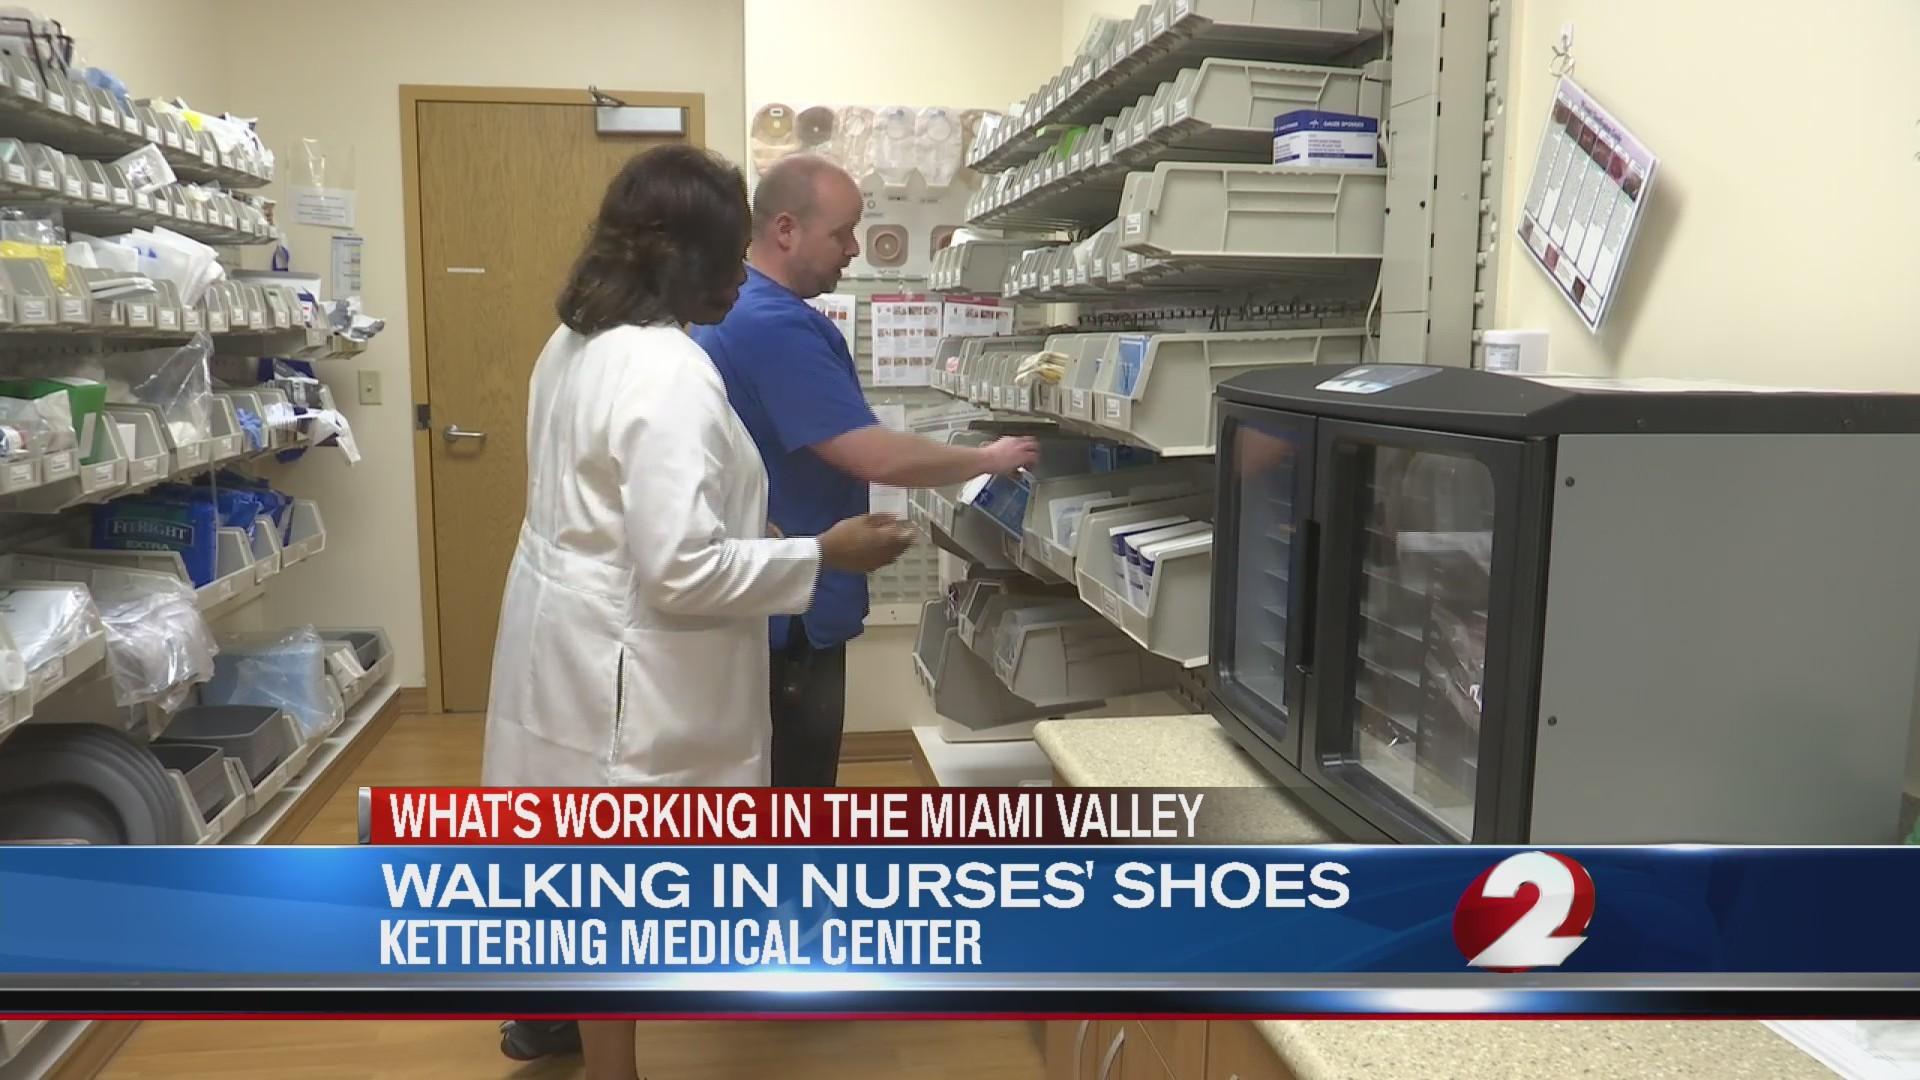 Walking in nurses' shoes